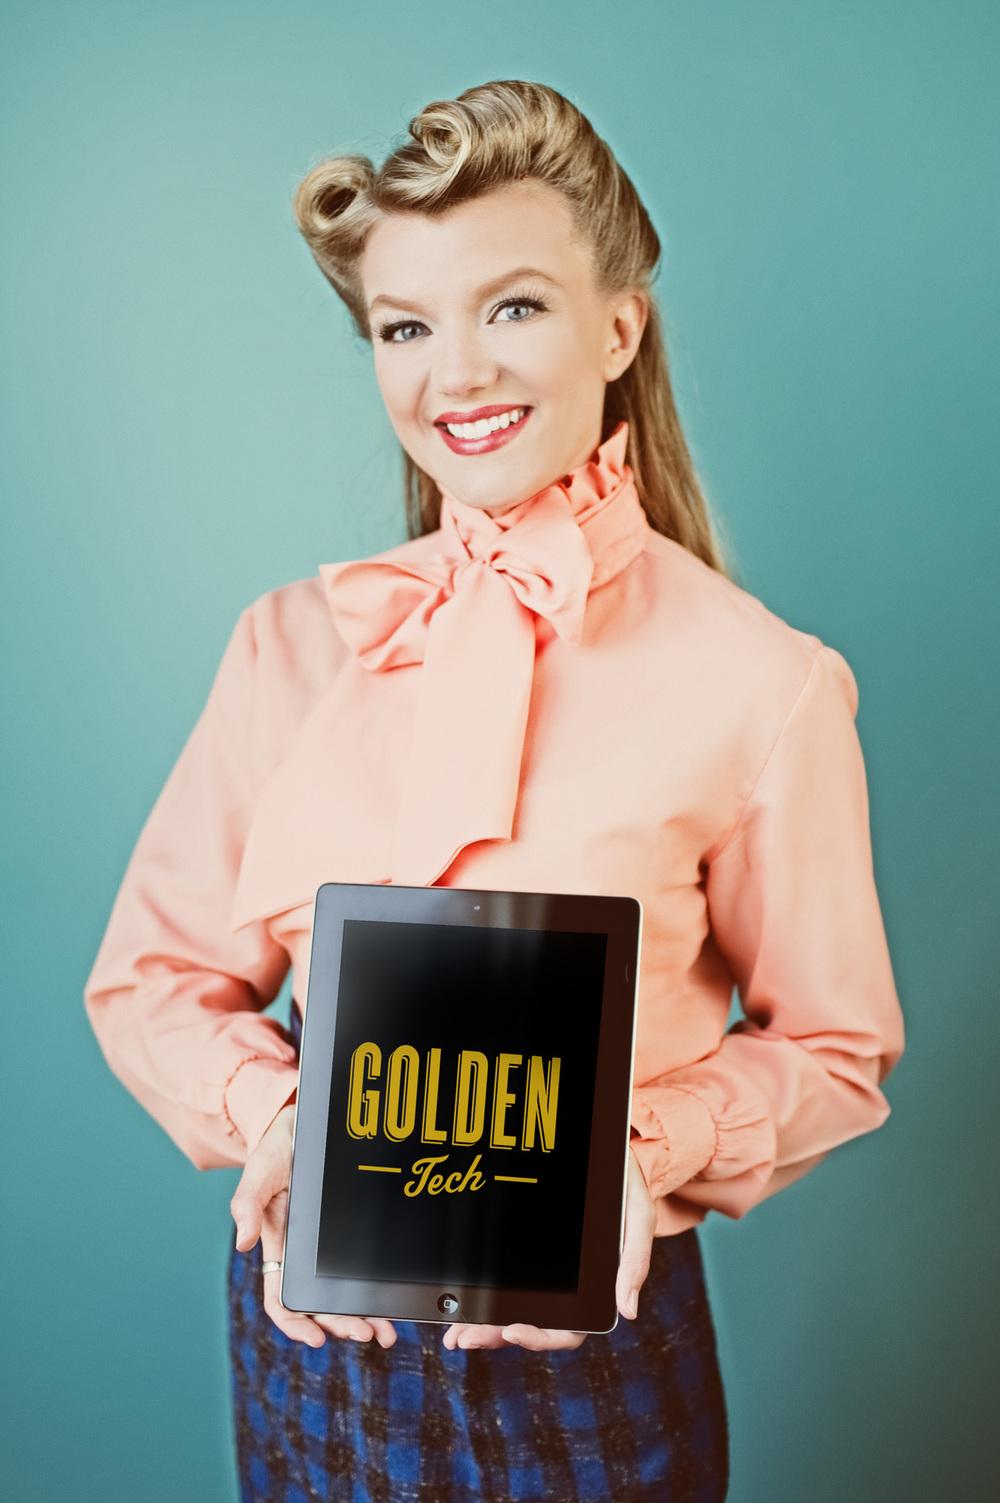 goldentech0004.jpg